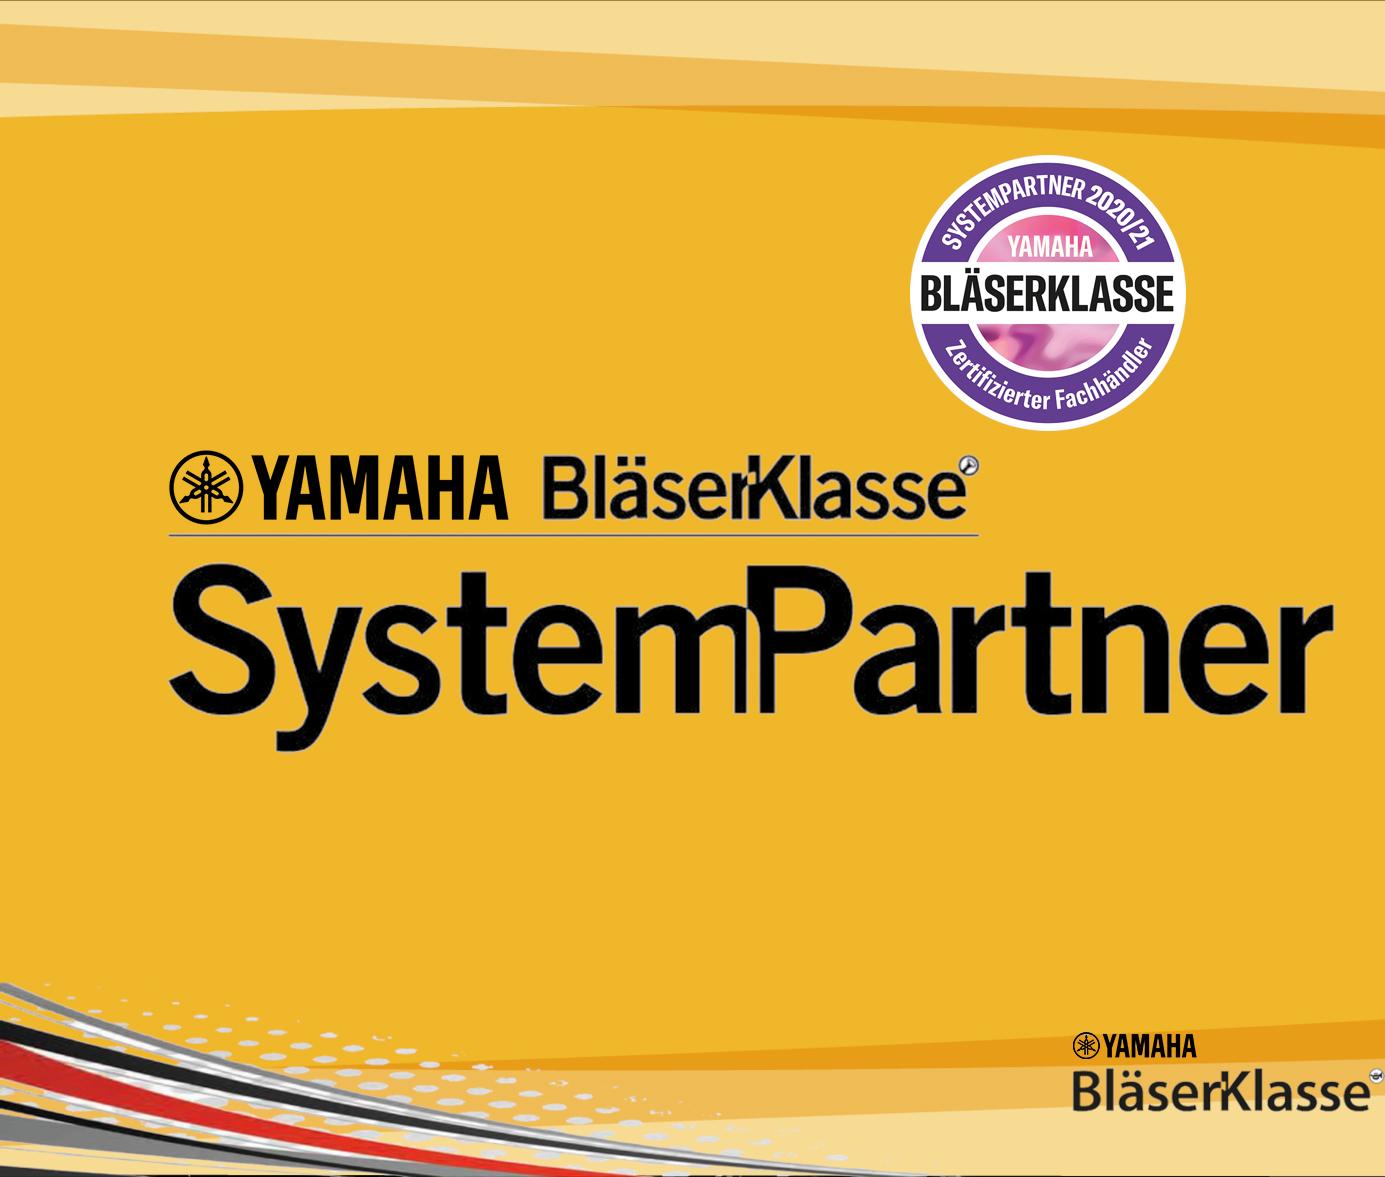 Yamaha Bläserklasse Systempartner